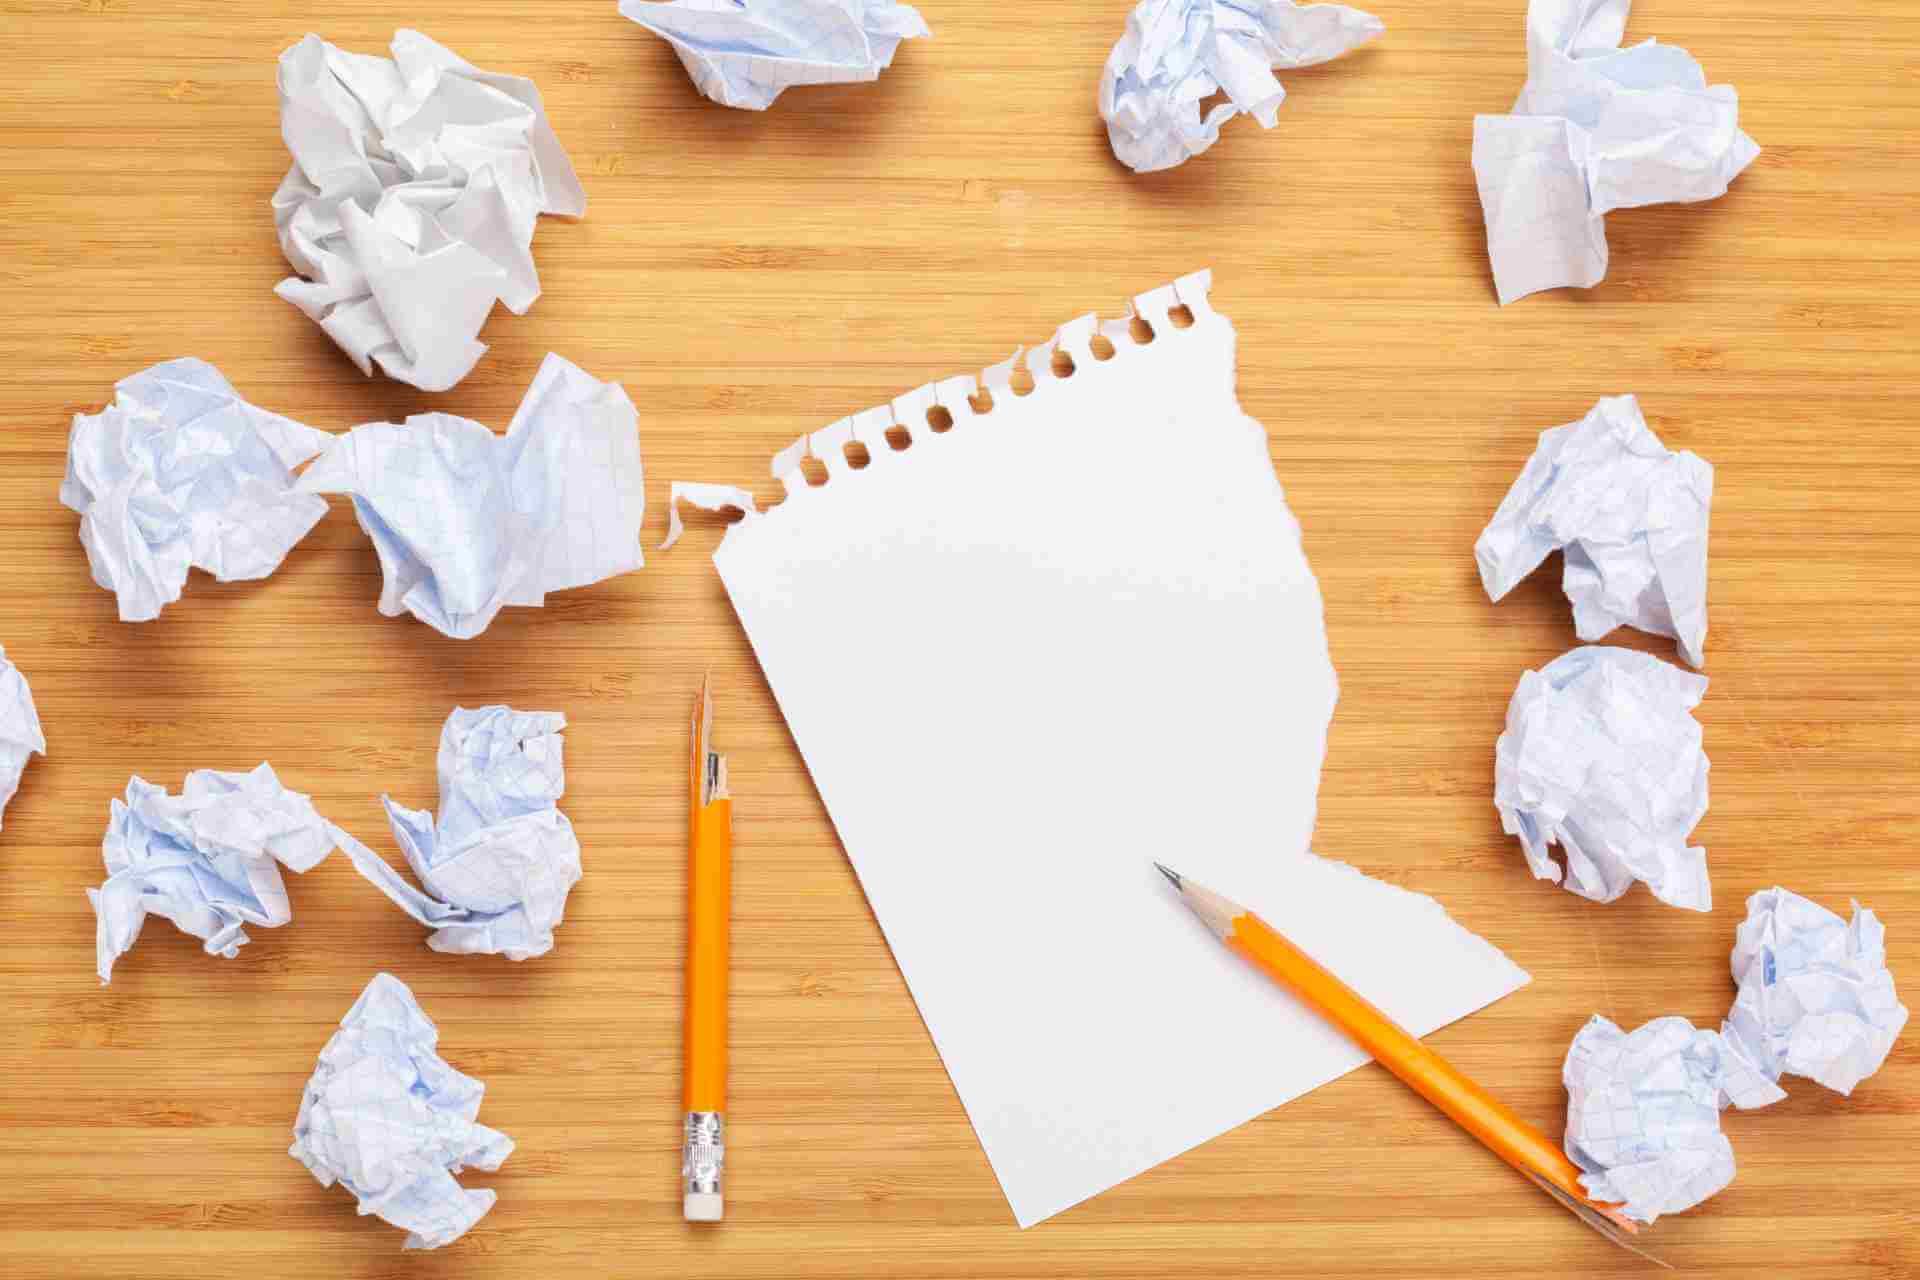 עדיף להזמין כתיבת תוכן לאתר אצל קופירייטר מנוסה. במיוחד אם אין לכם את הזמן או הכוח לנהל תוכן באתר אינטרנט.